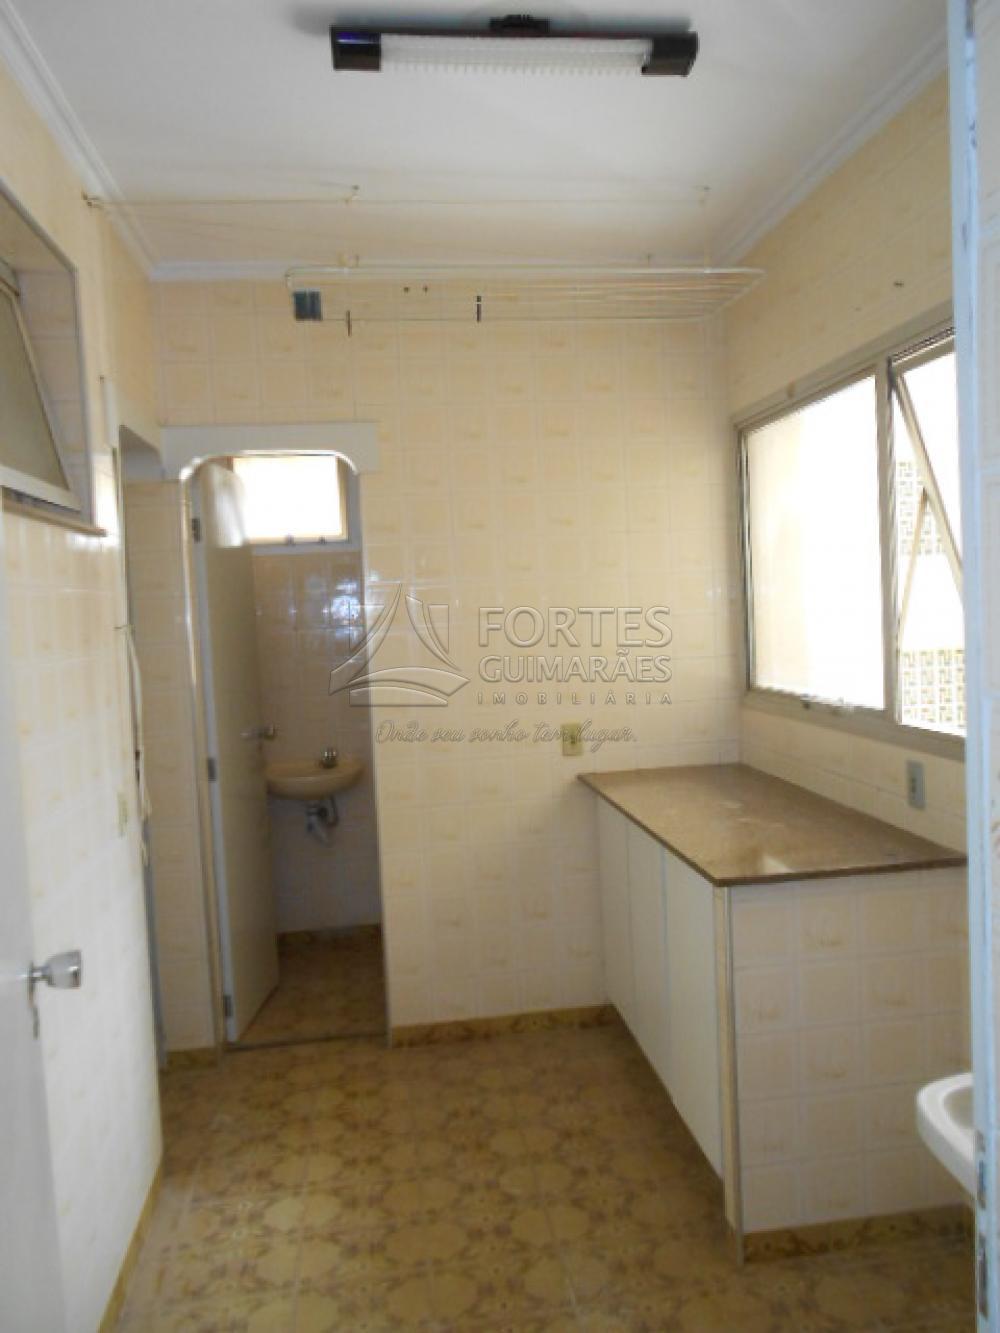 Alugar Apartamentos / Padrão em Ribeirão Preto apenas R$ 850,00 - Foto 24